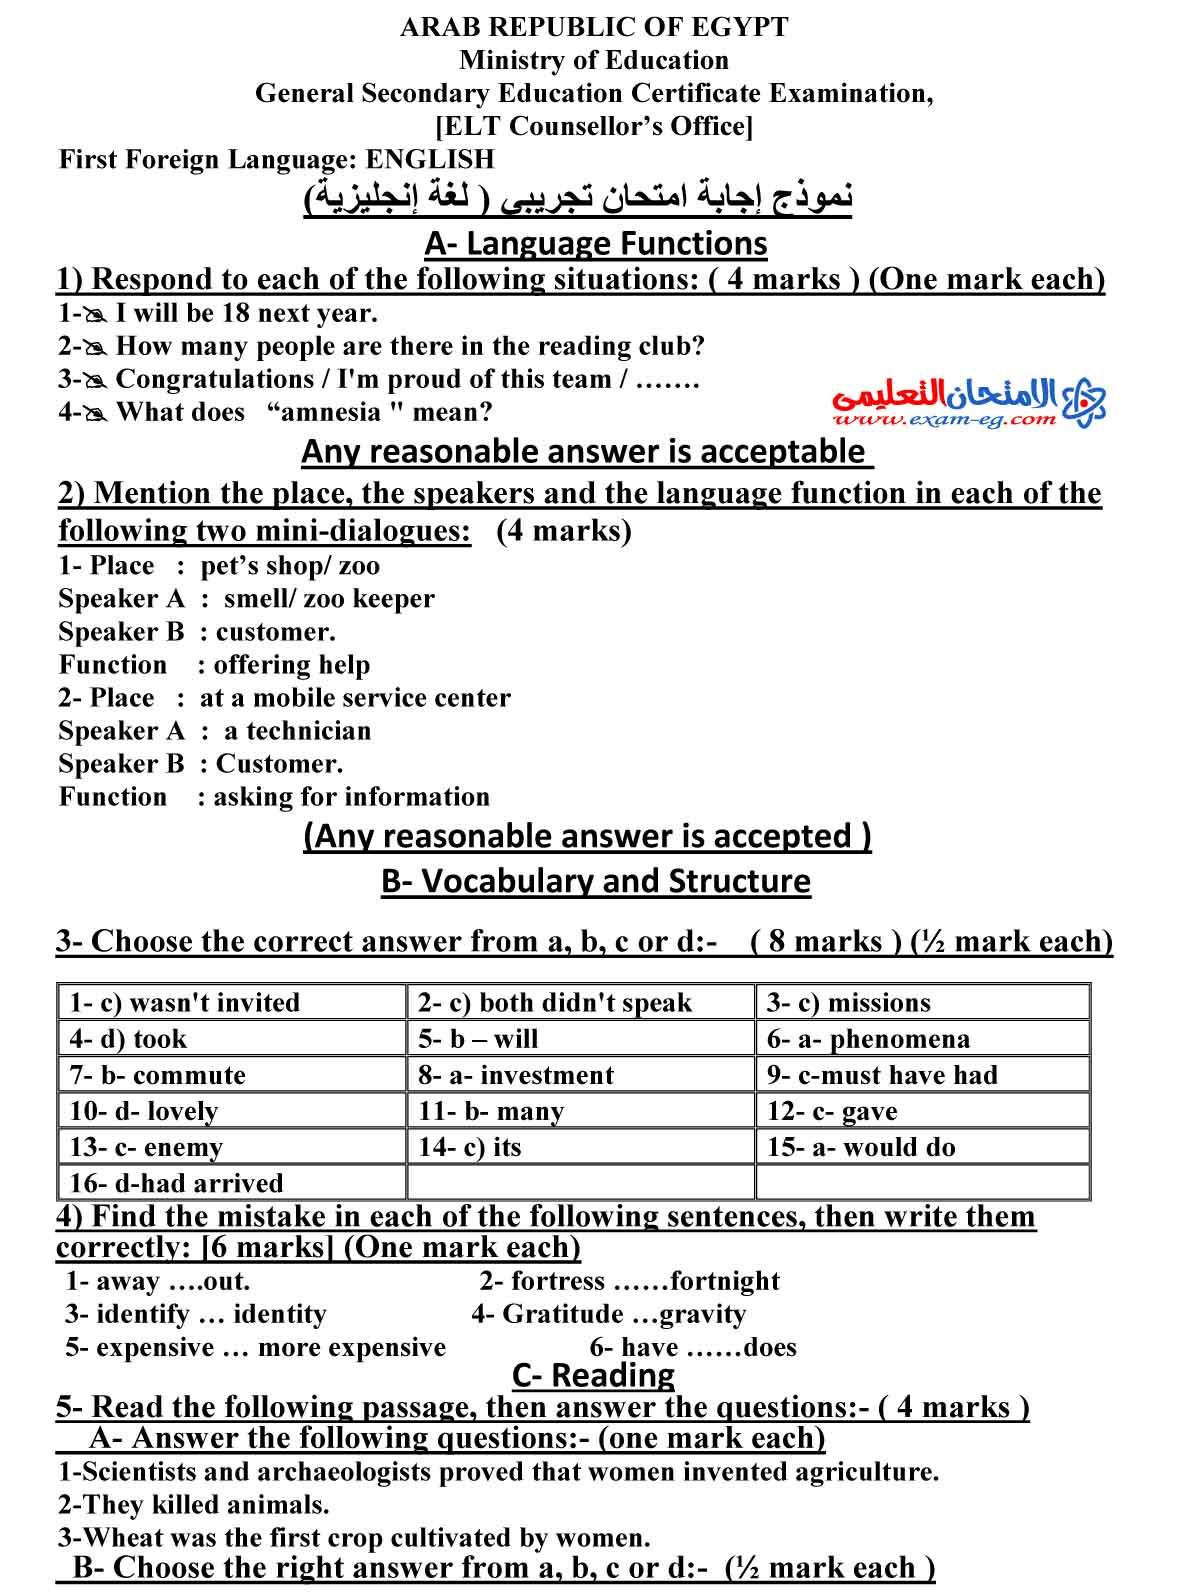 اجابة لغة انجليزية 1 - الامتحان التعليمى-1